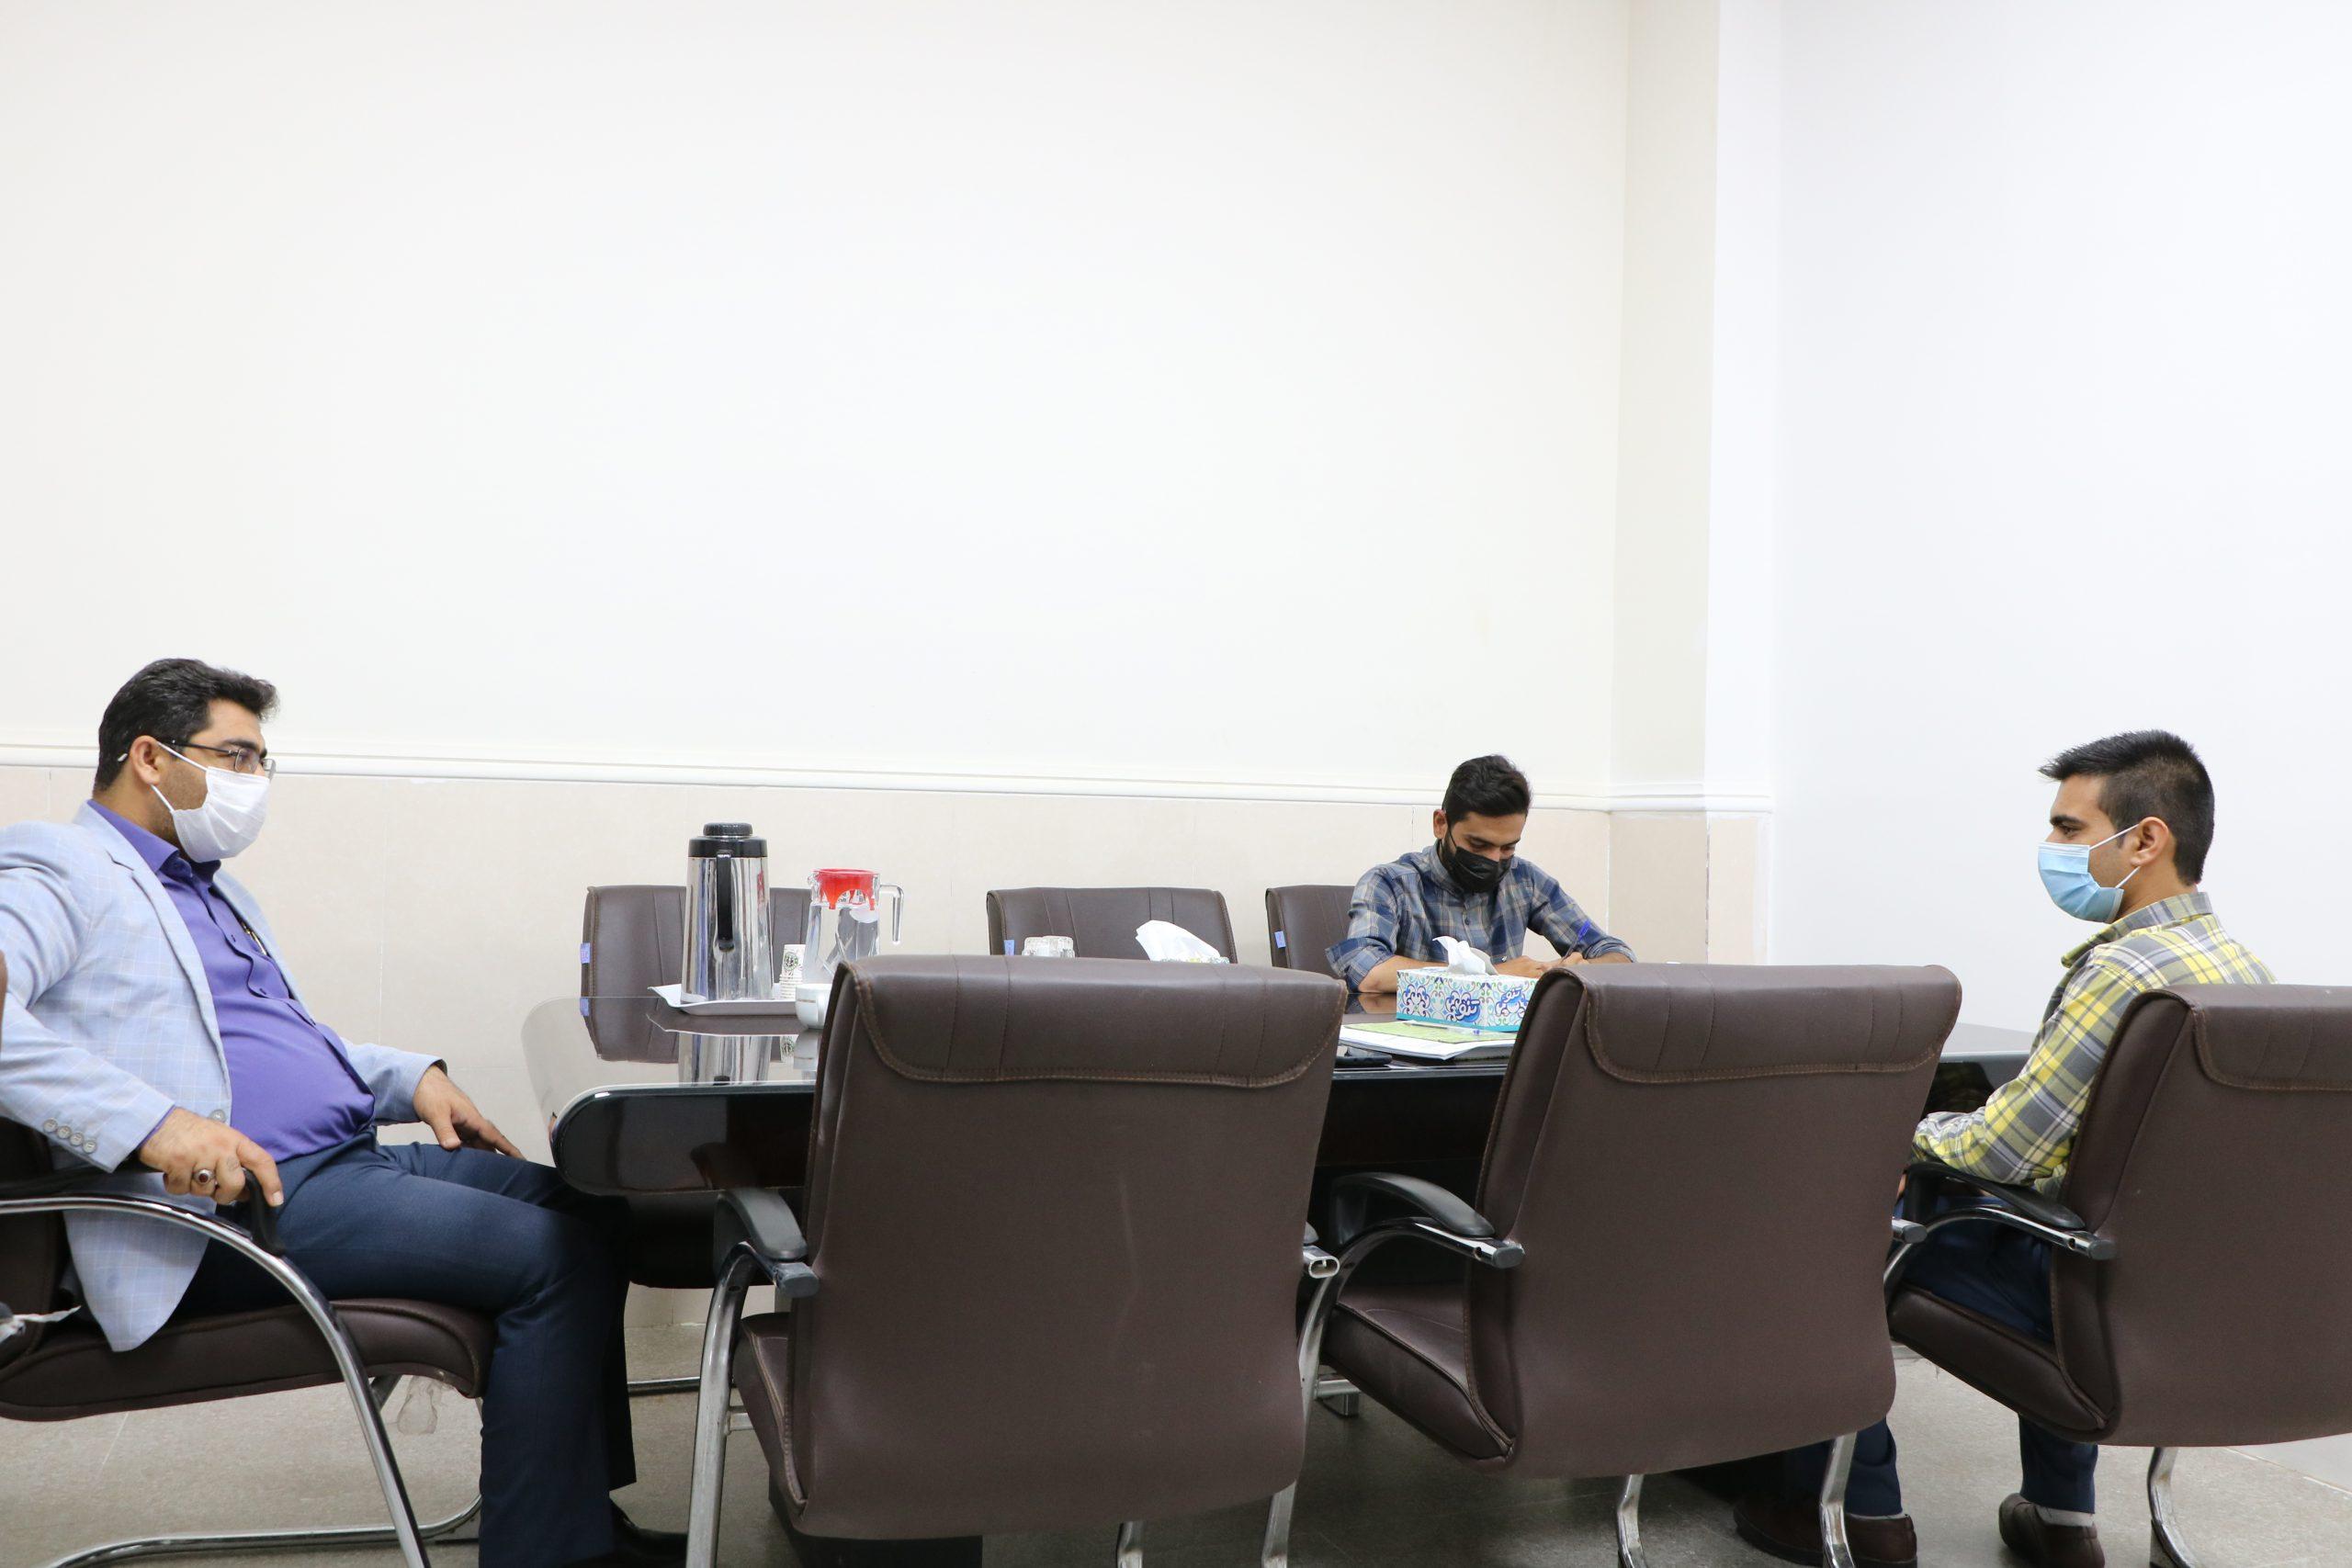 نشست ریاست و حوزه ی فرهنگی با بسیج دانشجویی مرکز در طلیعه ی هفته دفاع مقدس